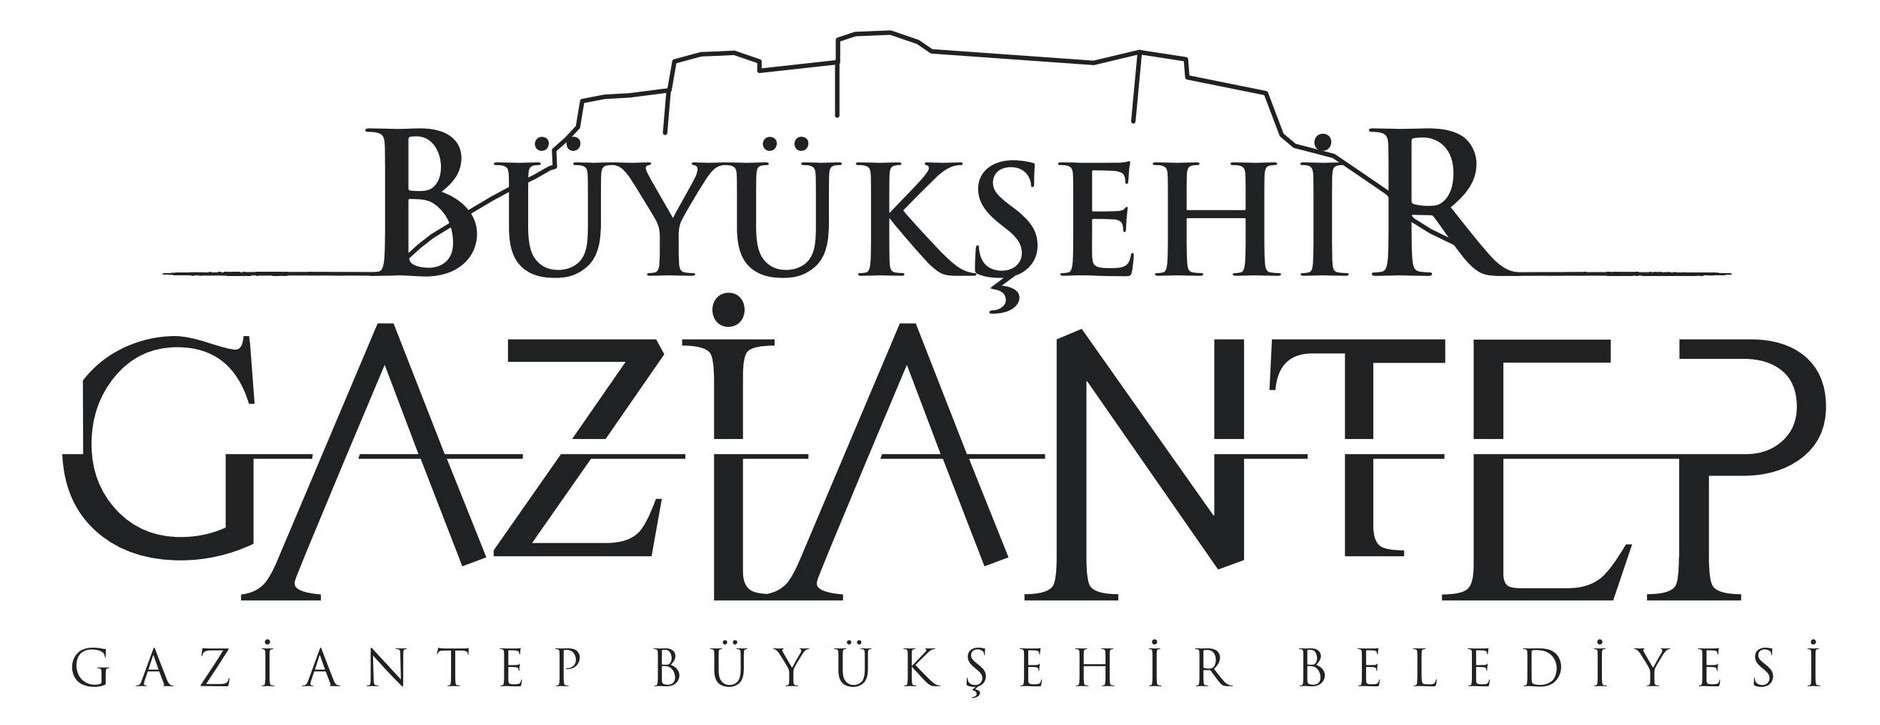 gaziantep_buyuksegir_belediyesi_logo